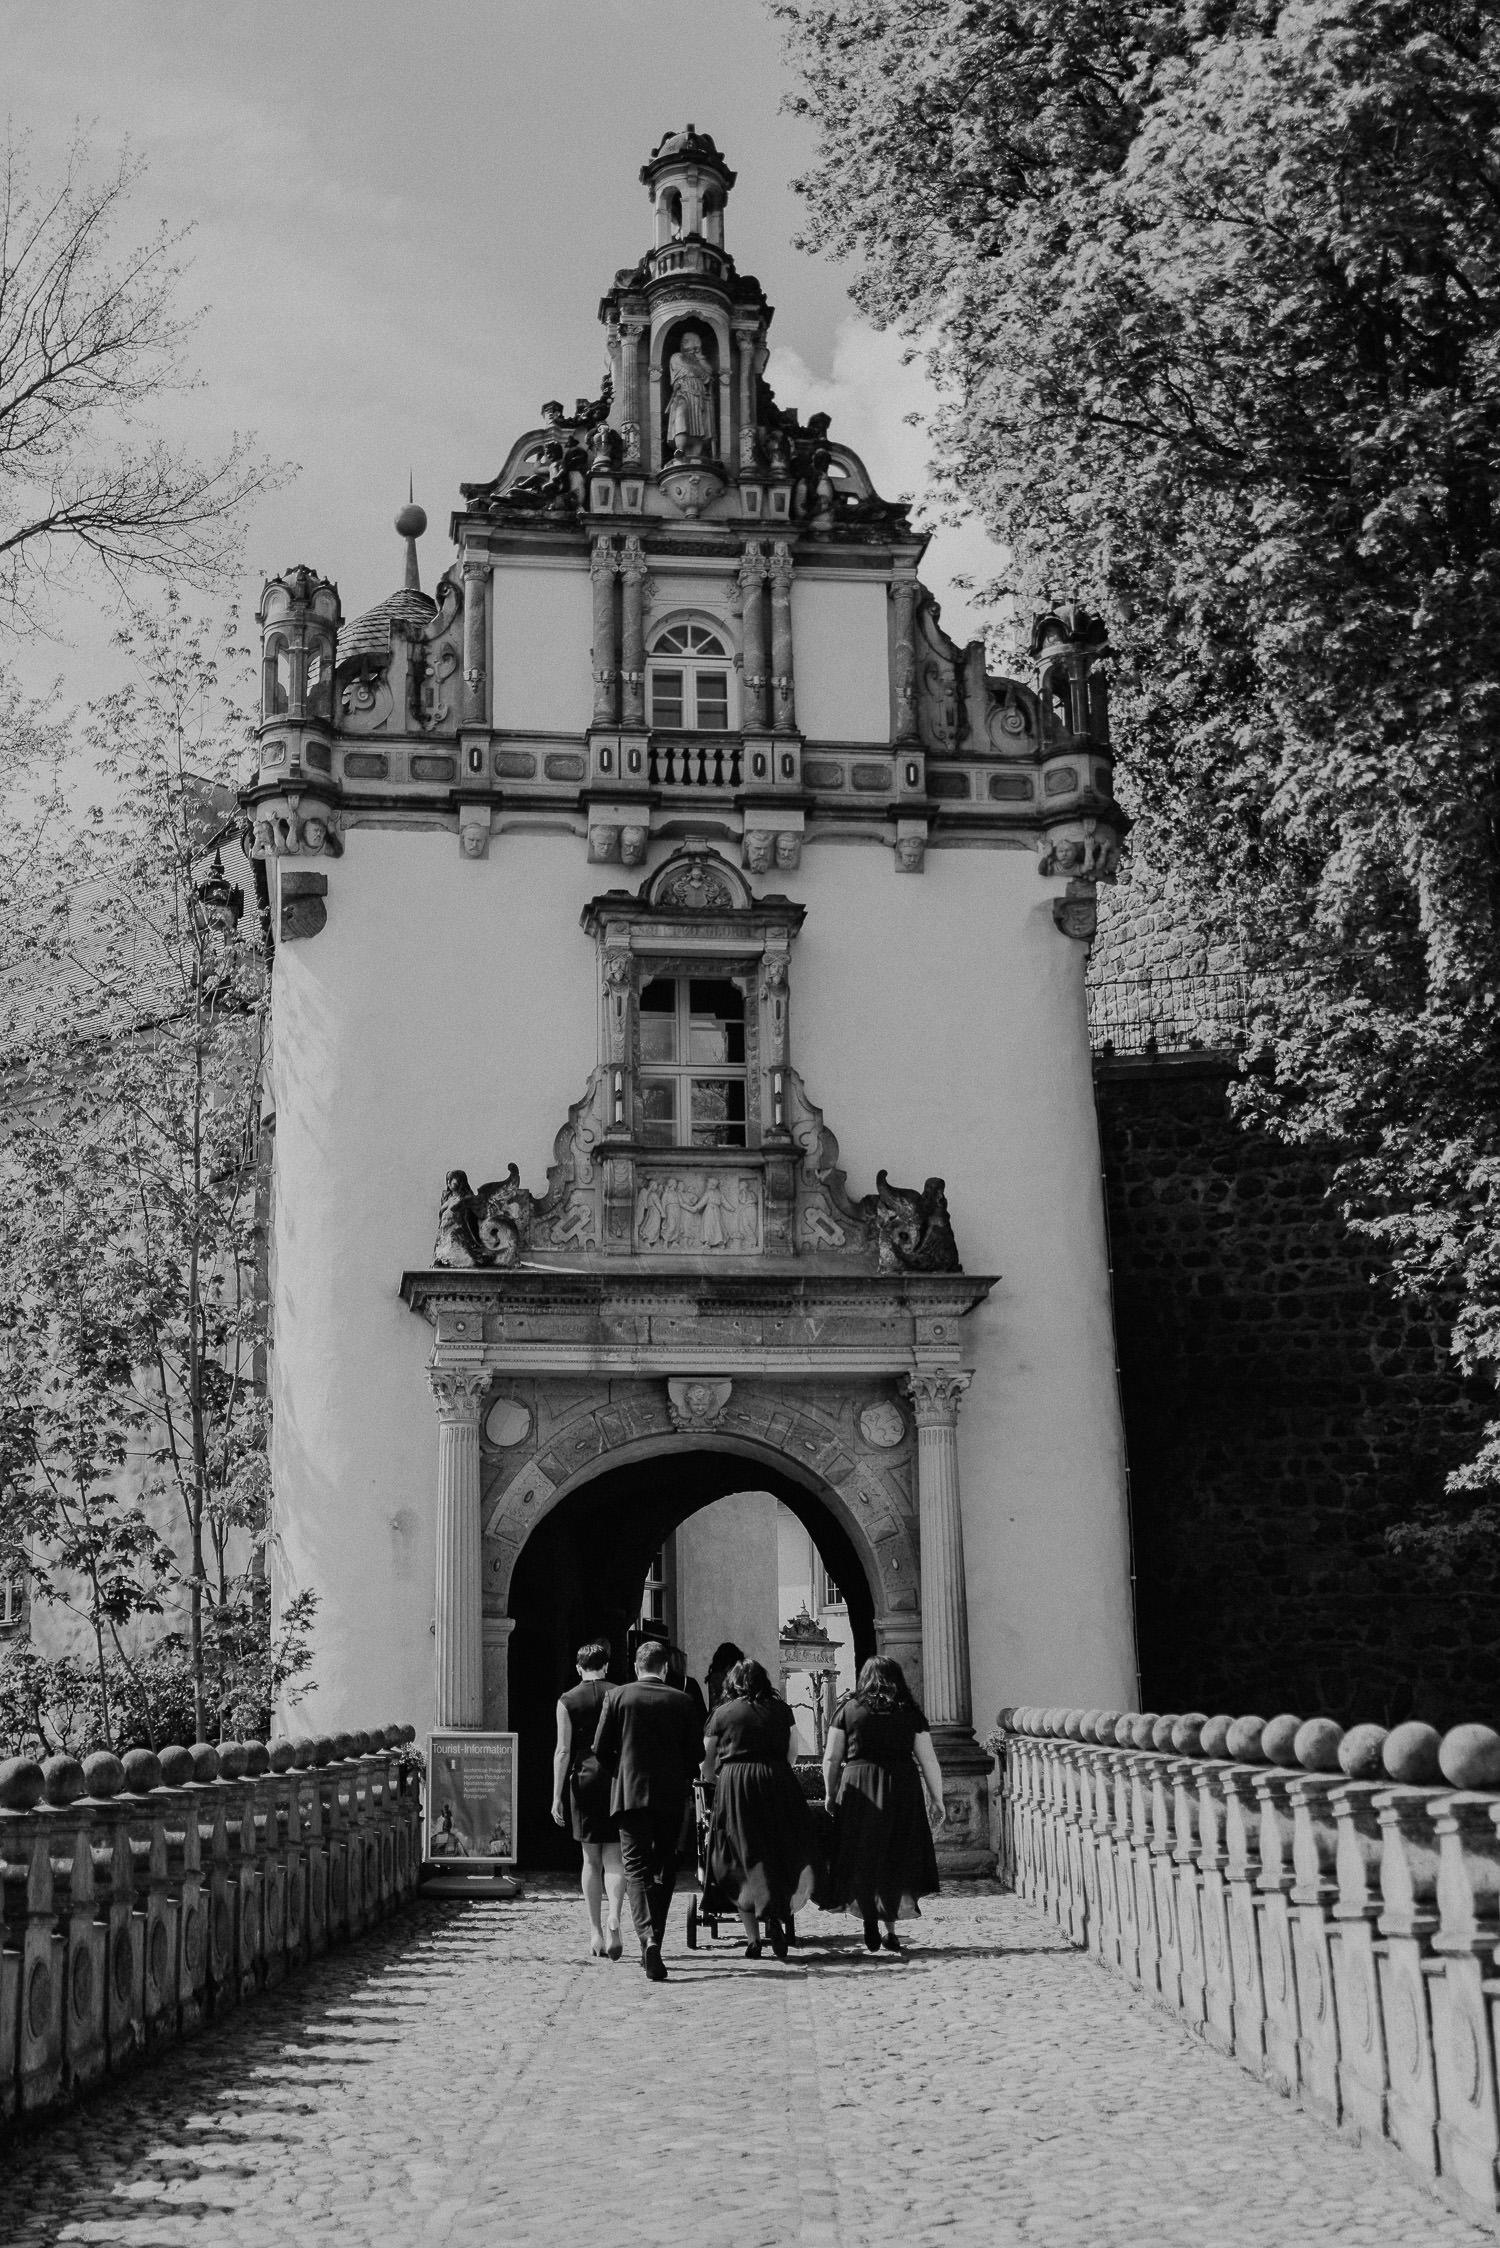 Scheunen-Hochzeit-Alte-Schmiede-Niemegk-by-Steven-Schwanz-12